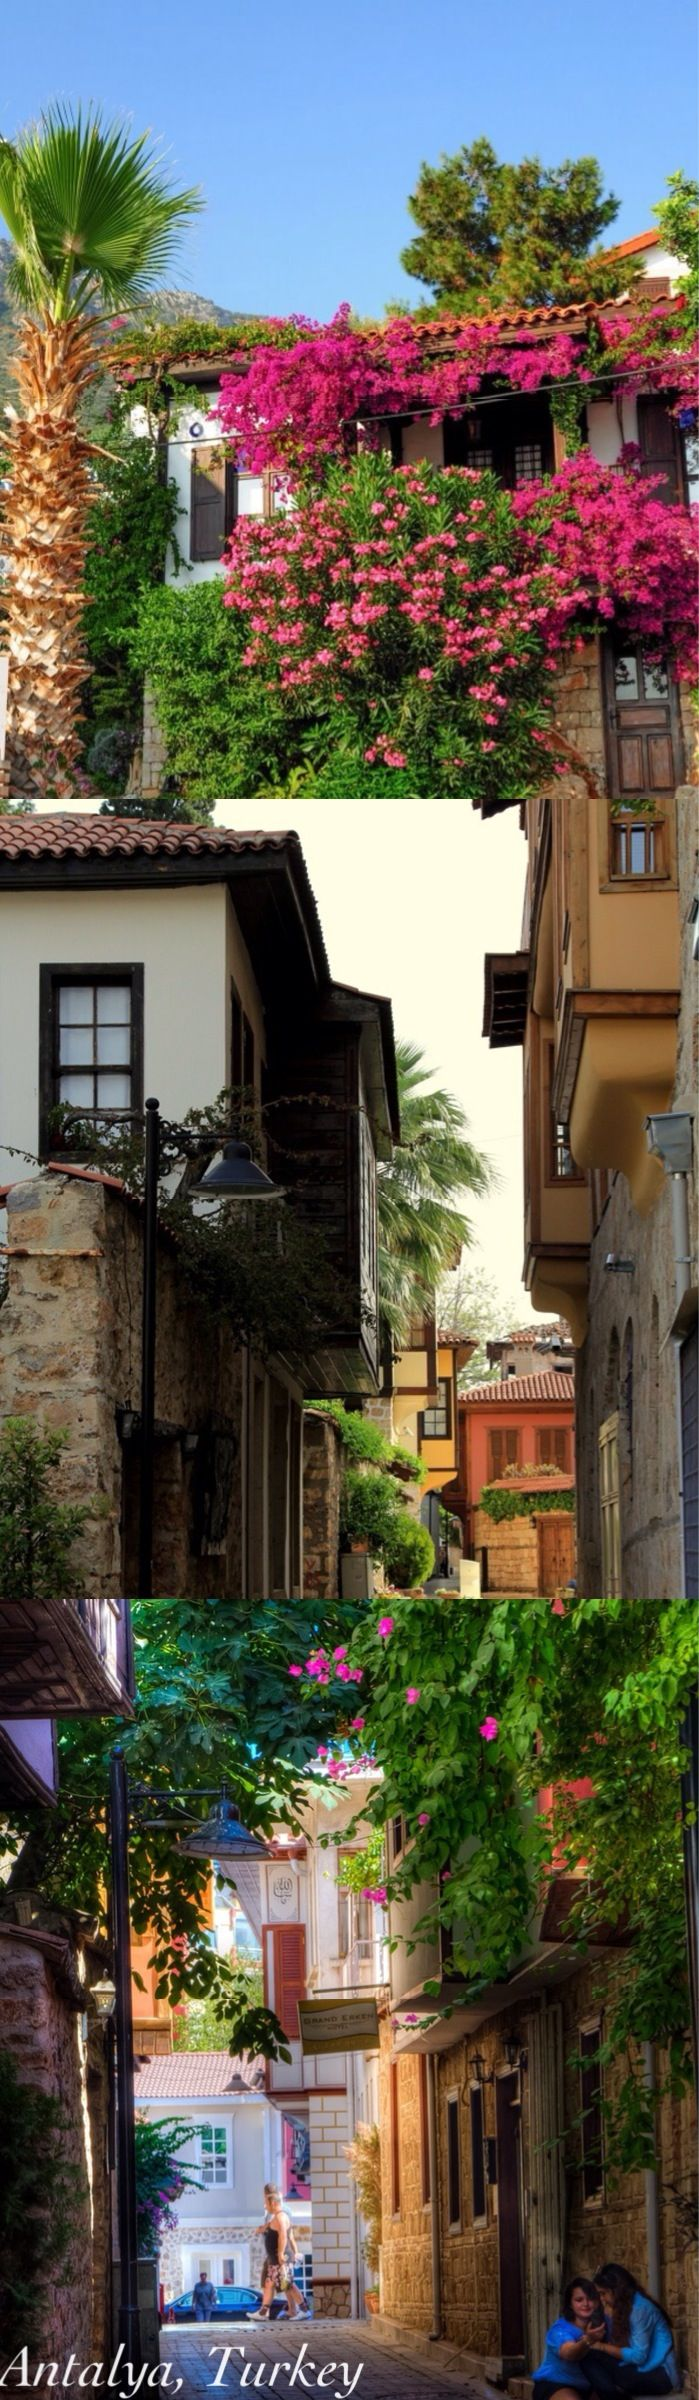 Turkey - Antalya